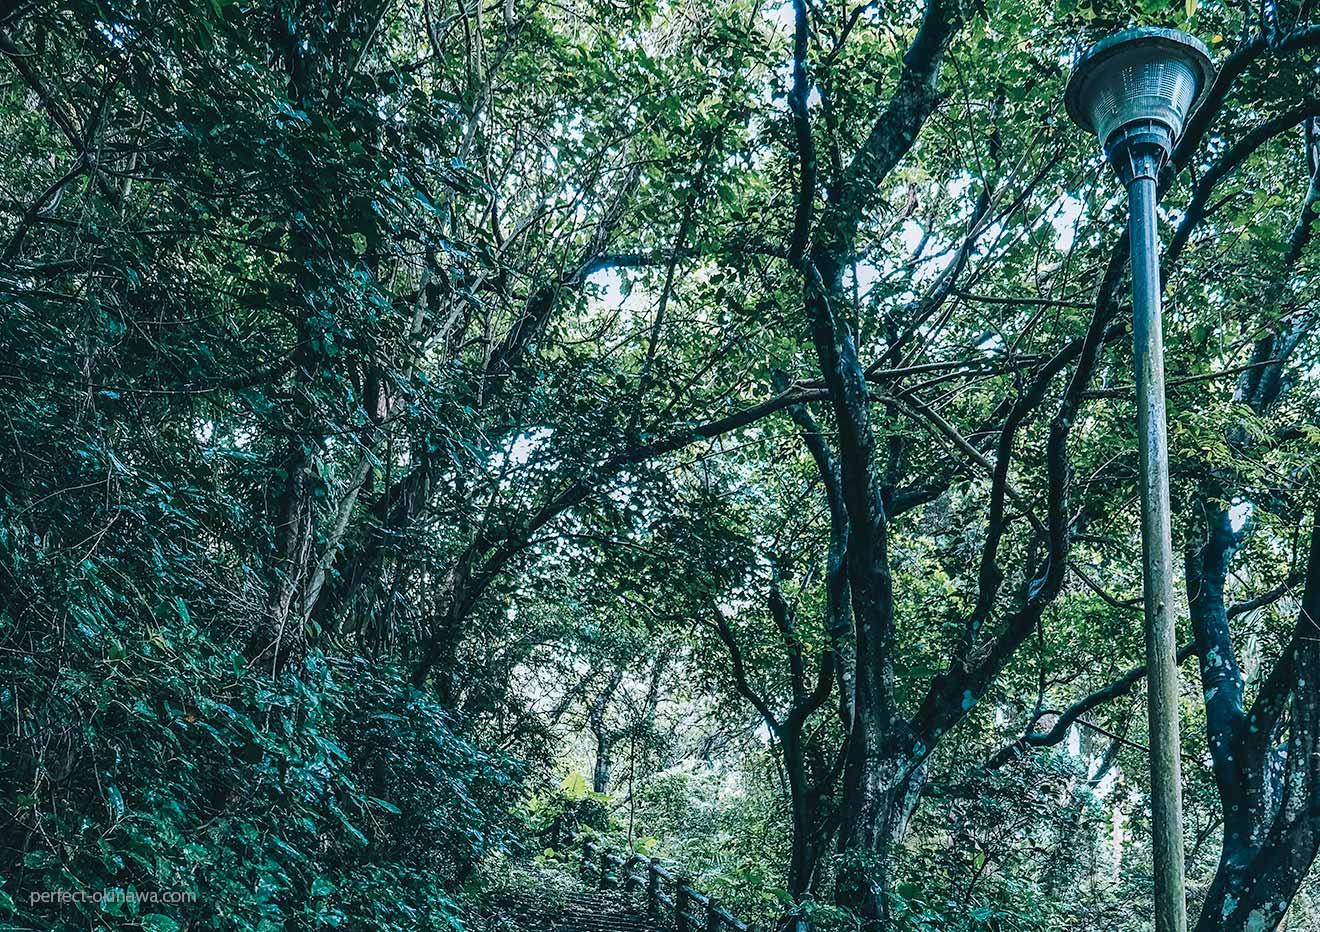 那覇の末吉公園は都会のオアシスかジャングルか